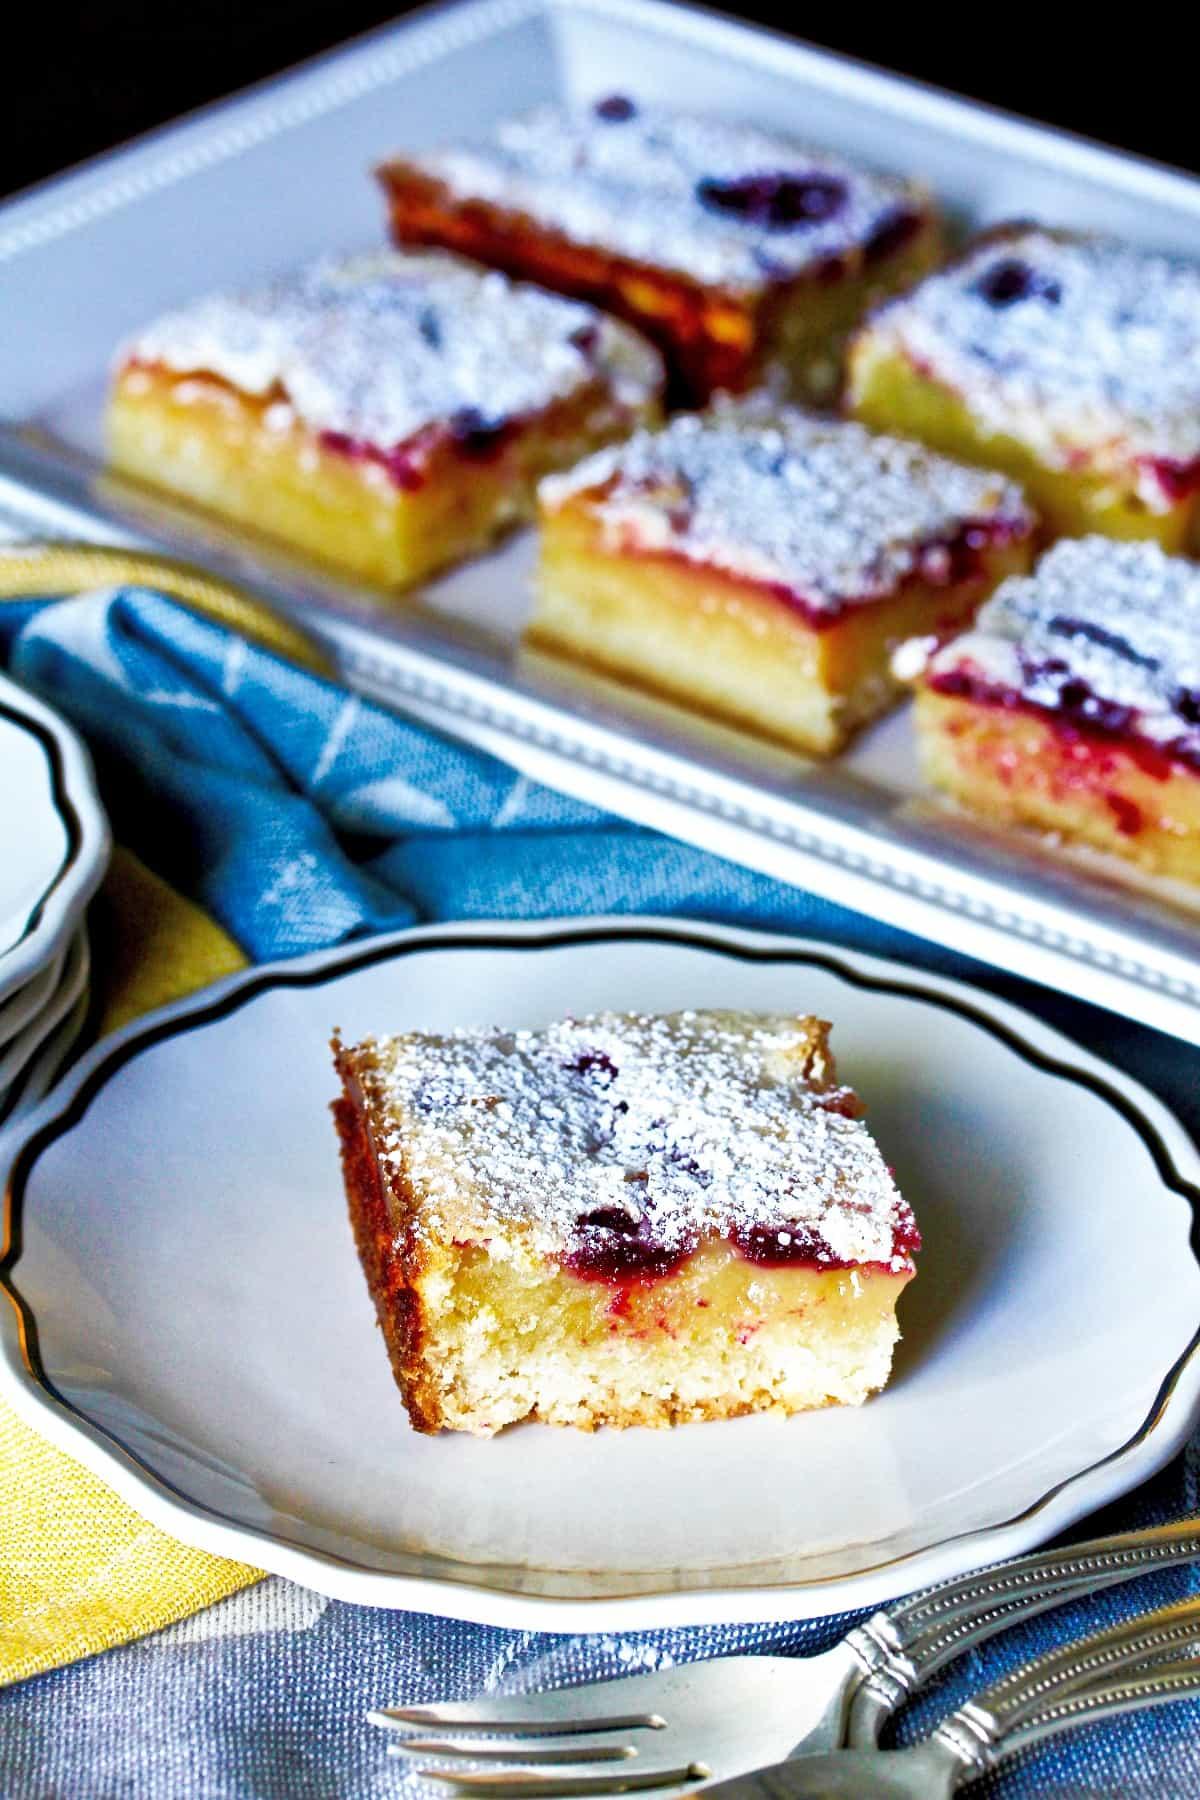 Blueberry lemon bars on a serving platter